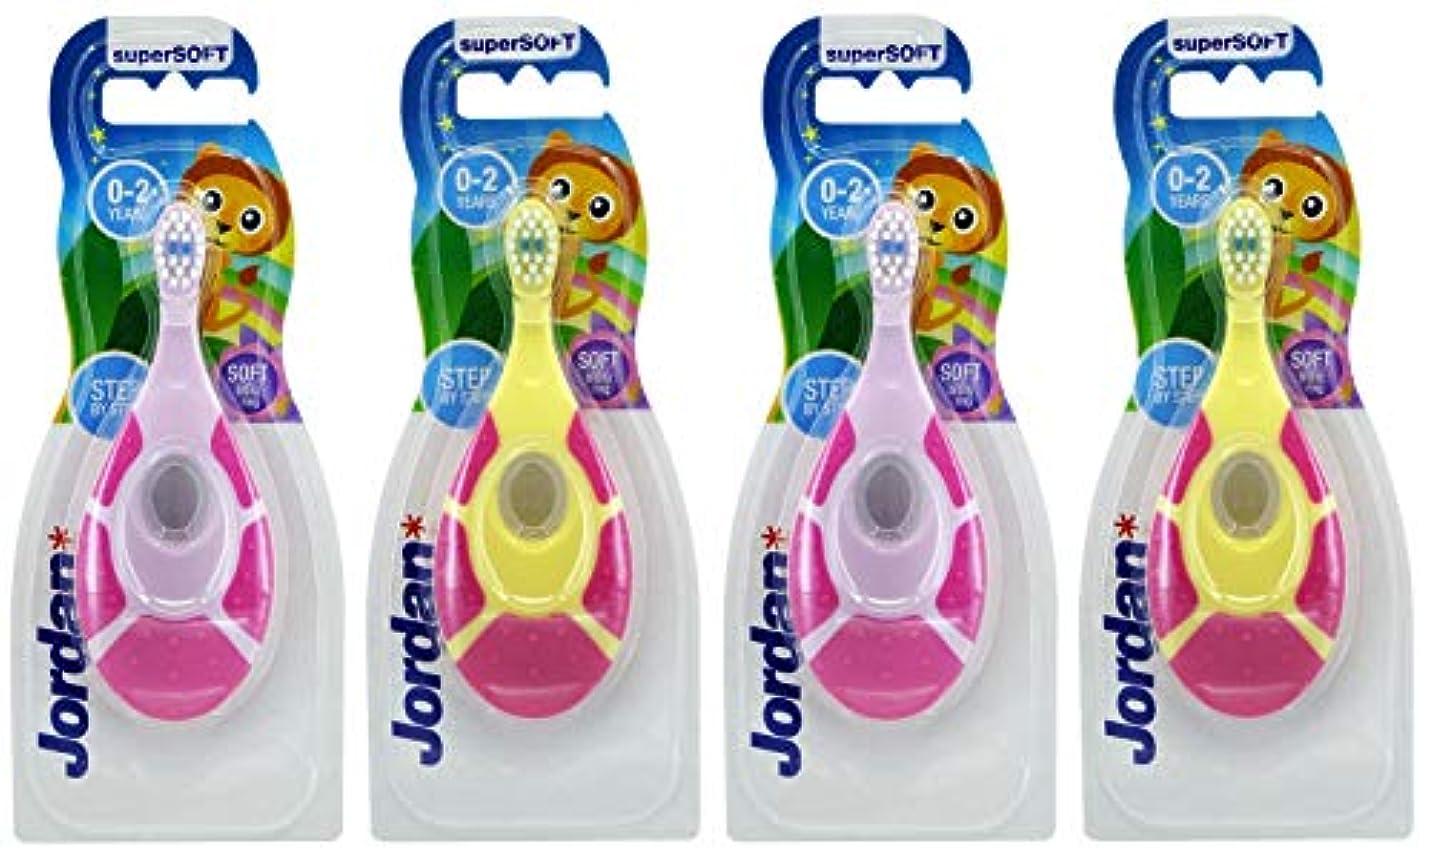 ホイストあいにくジョリーevaluecanベビー幼児用歯ブラシ、4パック、BPAフリー&ソフト剛毛、0~2歳 – 女の子最初セット(2ピンク/グリーン& 2パープル/ピンク)